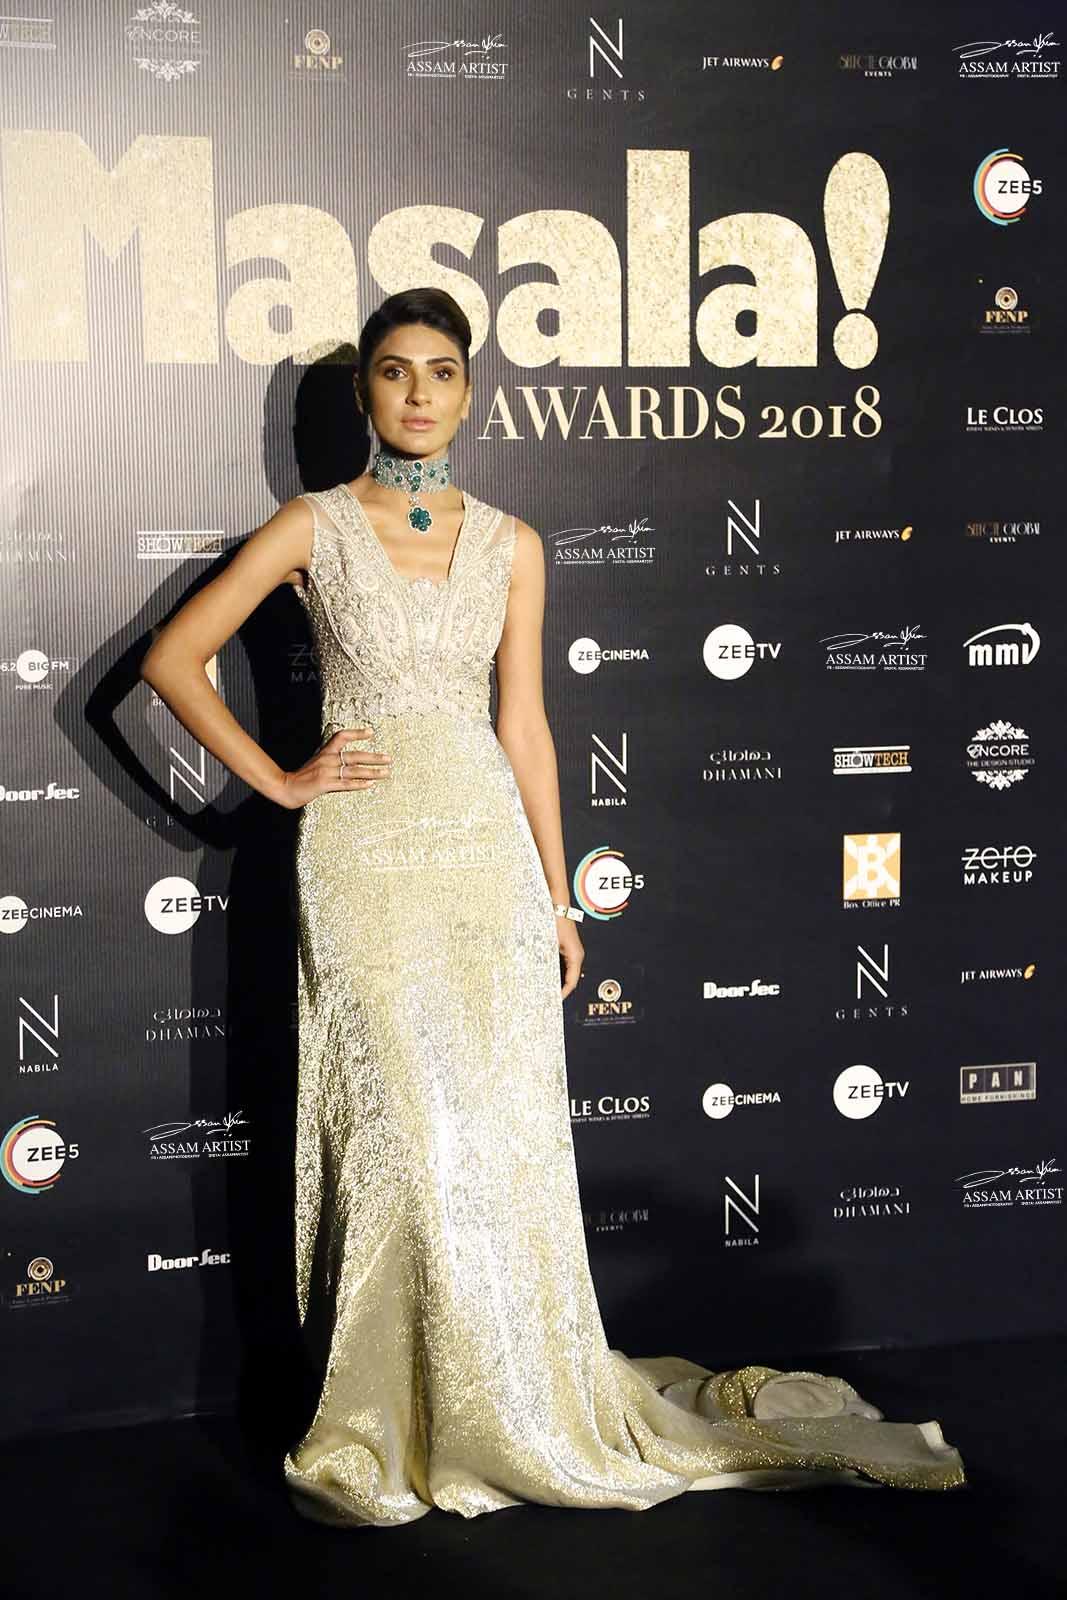 Kiran Malik - model